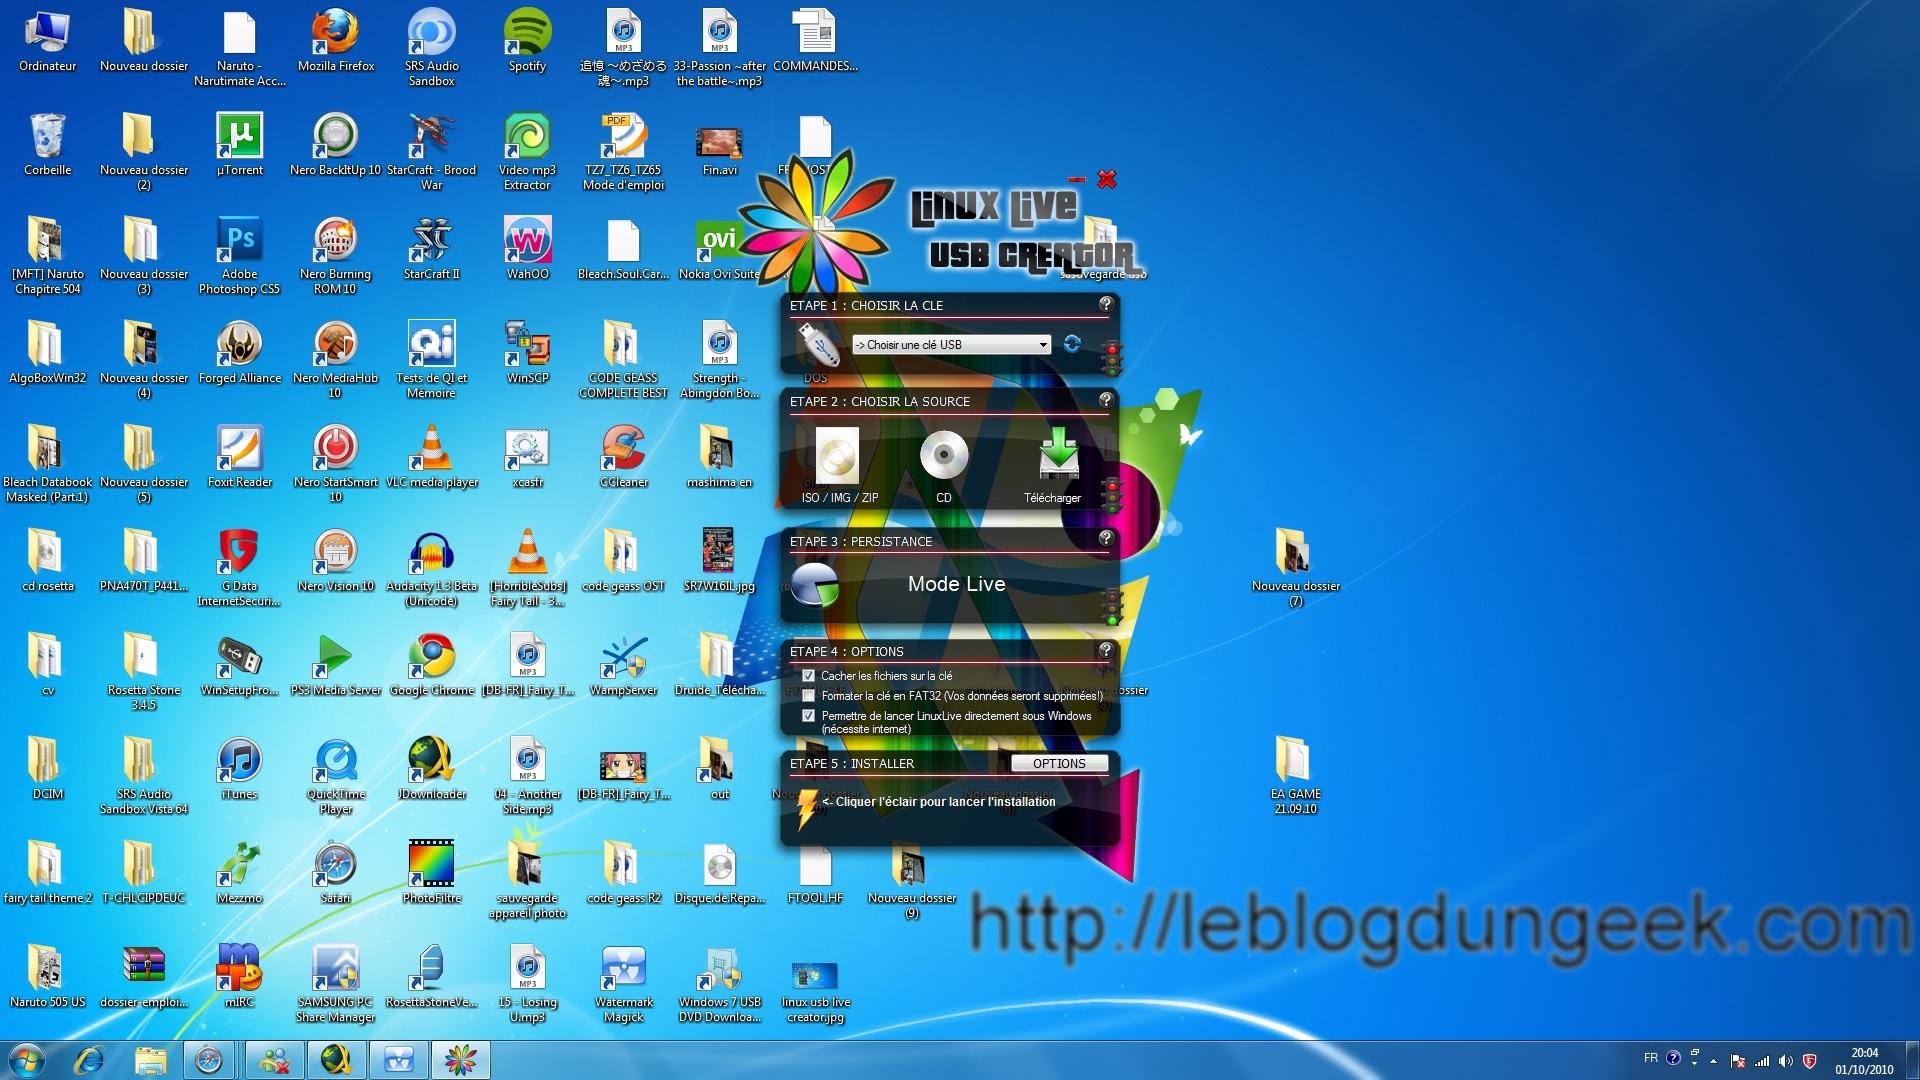 Linux usb live creator1 pc installer linux ubuntu depuis une clé usb